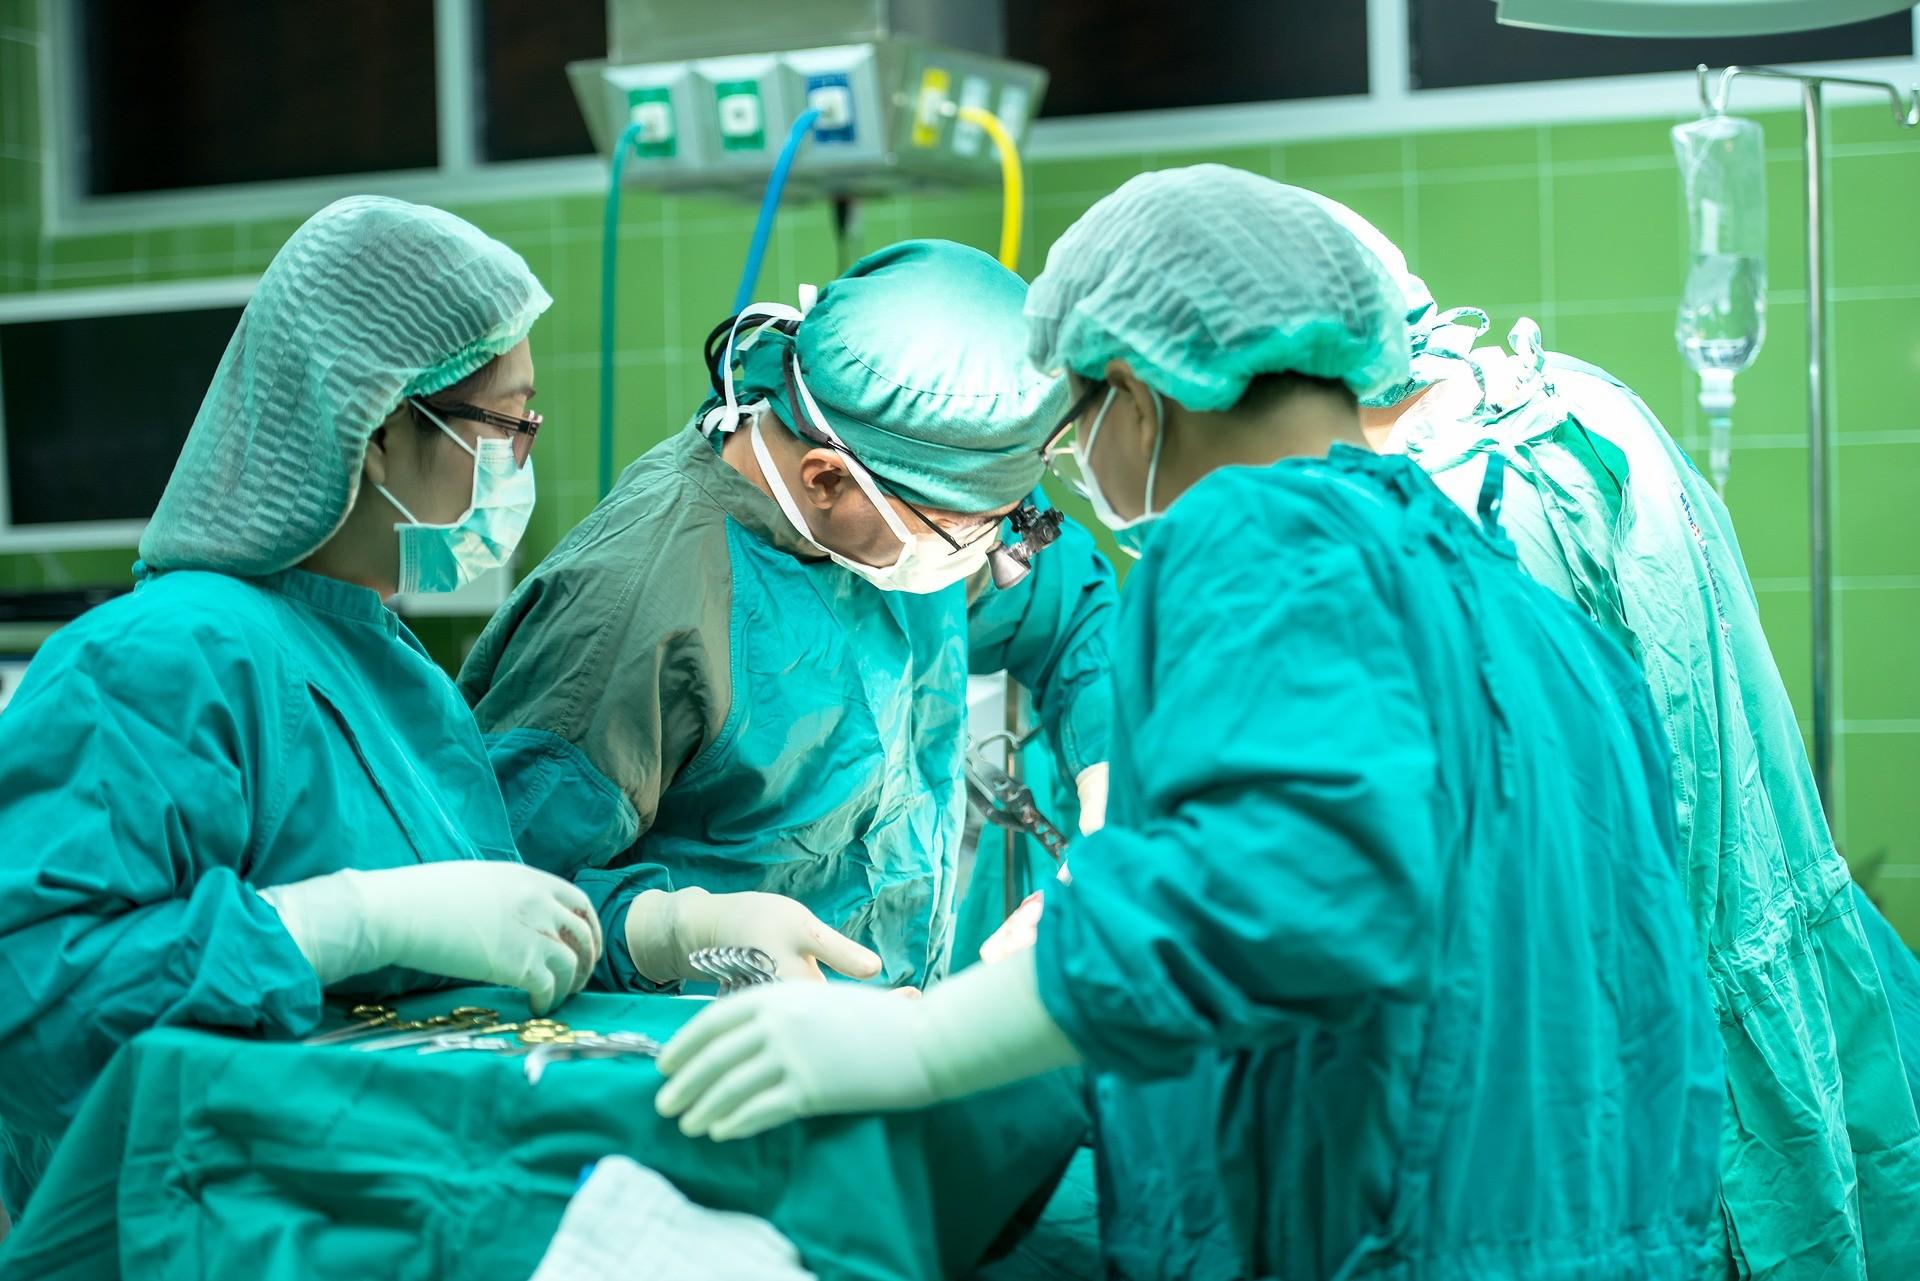 Cirurgia (Foto: Pixabay)